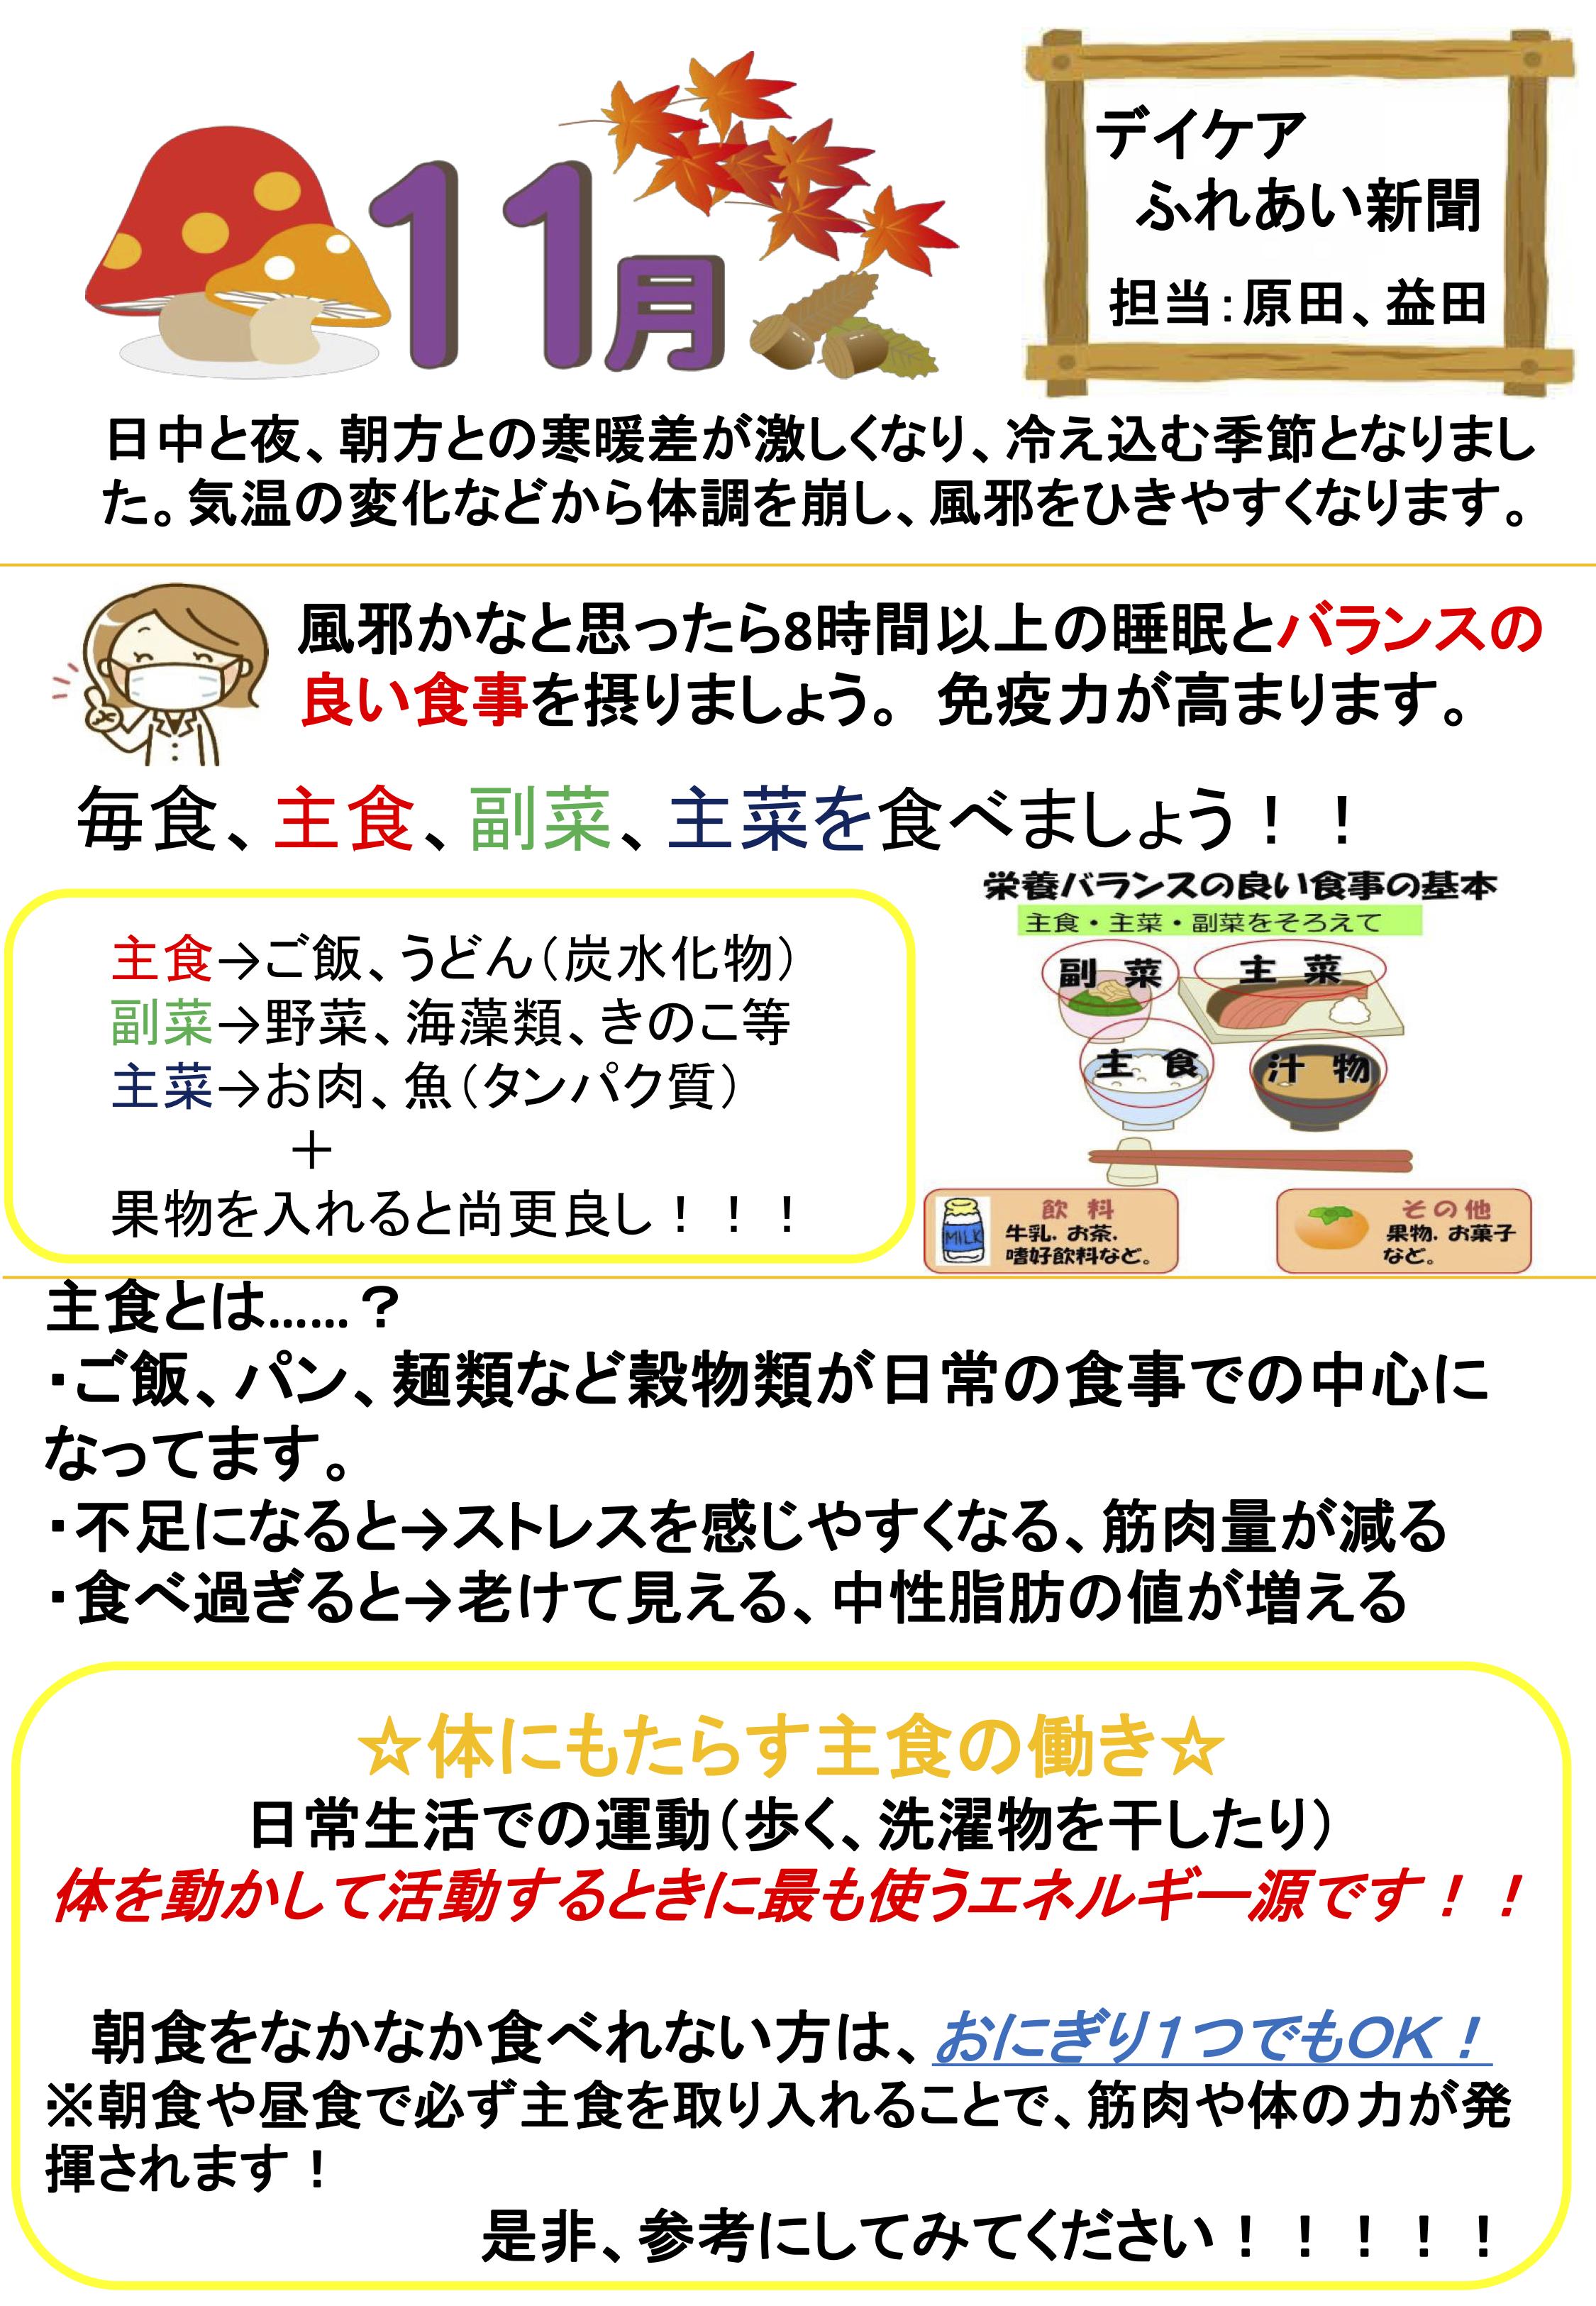 デイケアふれあい新聞 担当:原田・益田 日中と夜、朝方との寒暖差が激しくなり、冷え込む季節となりました。気温の変化などから体調を崩し、風を引きやすくなります。 風邪かなと思ったら⑧時間以上の睡眠とバランスの良い食事を摂りましょう。 デイケアふれあい 10月現在の秋状況 AM月空きあり AM火空きあり AM水空きあり AM木空きあり AM金空きあり AM土空きあり PM月要相談 PM火空きあり PM水空きあり PM木空きあり PM金空きあり PM土休 ※利用される利用者様のお住いの地免疫力が高まります。毎食、主食、副菜、主菜を食べましょう!!